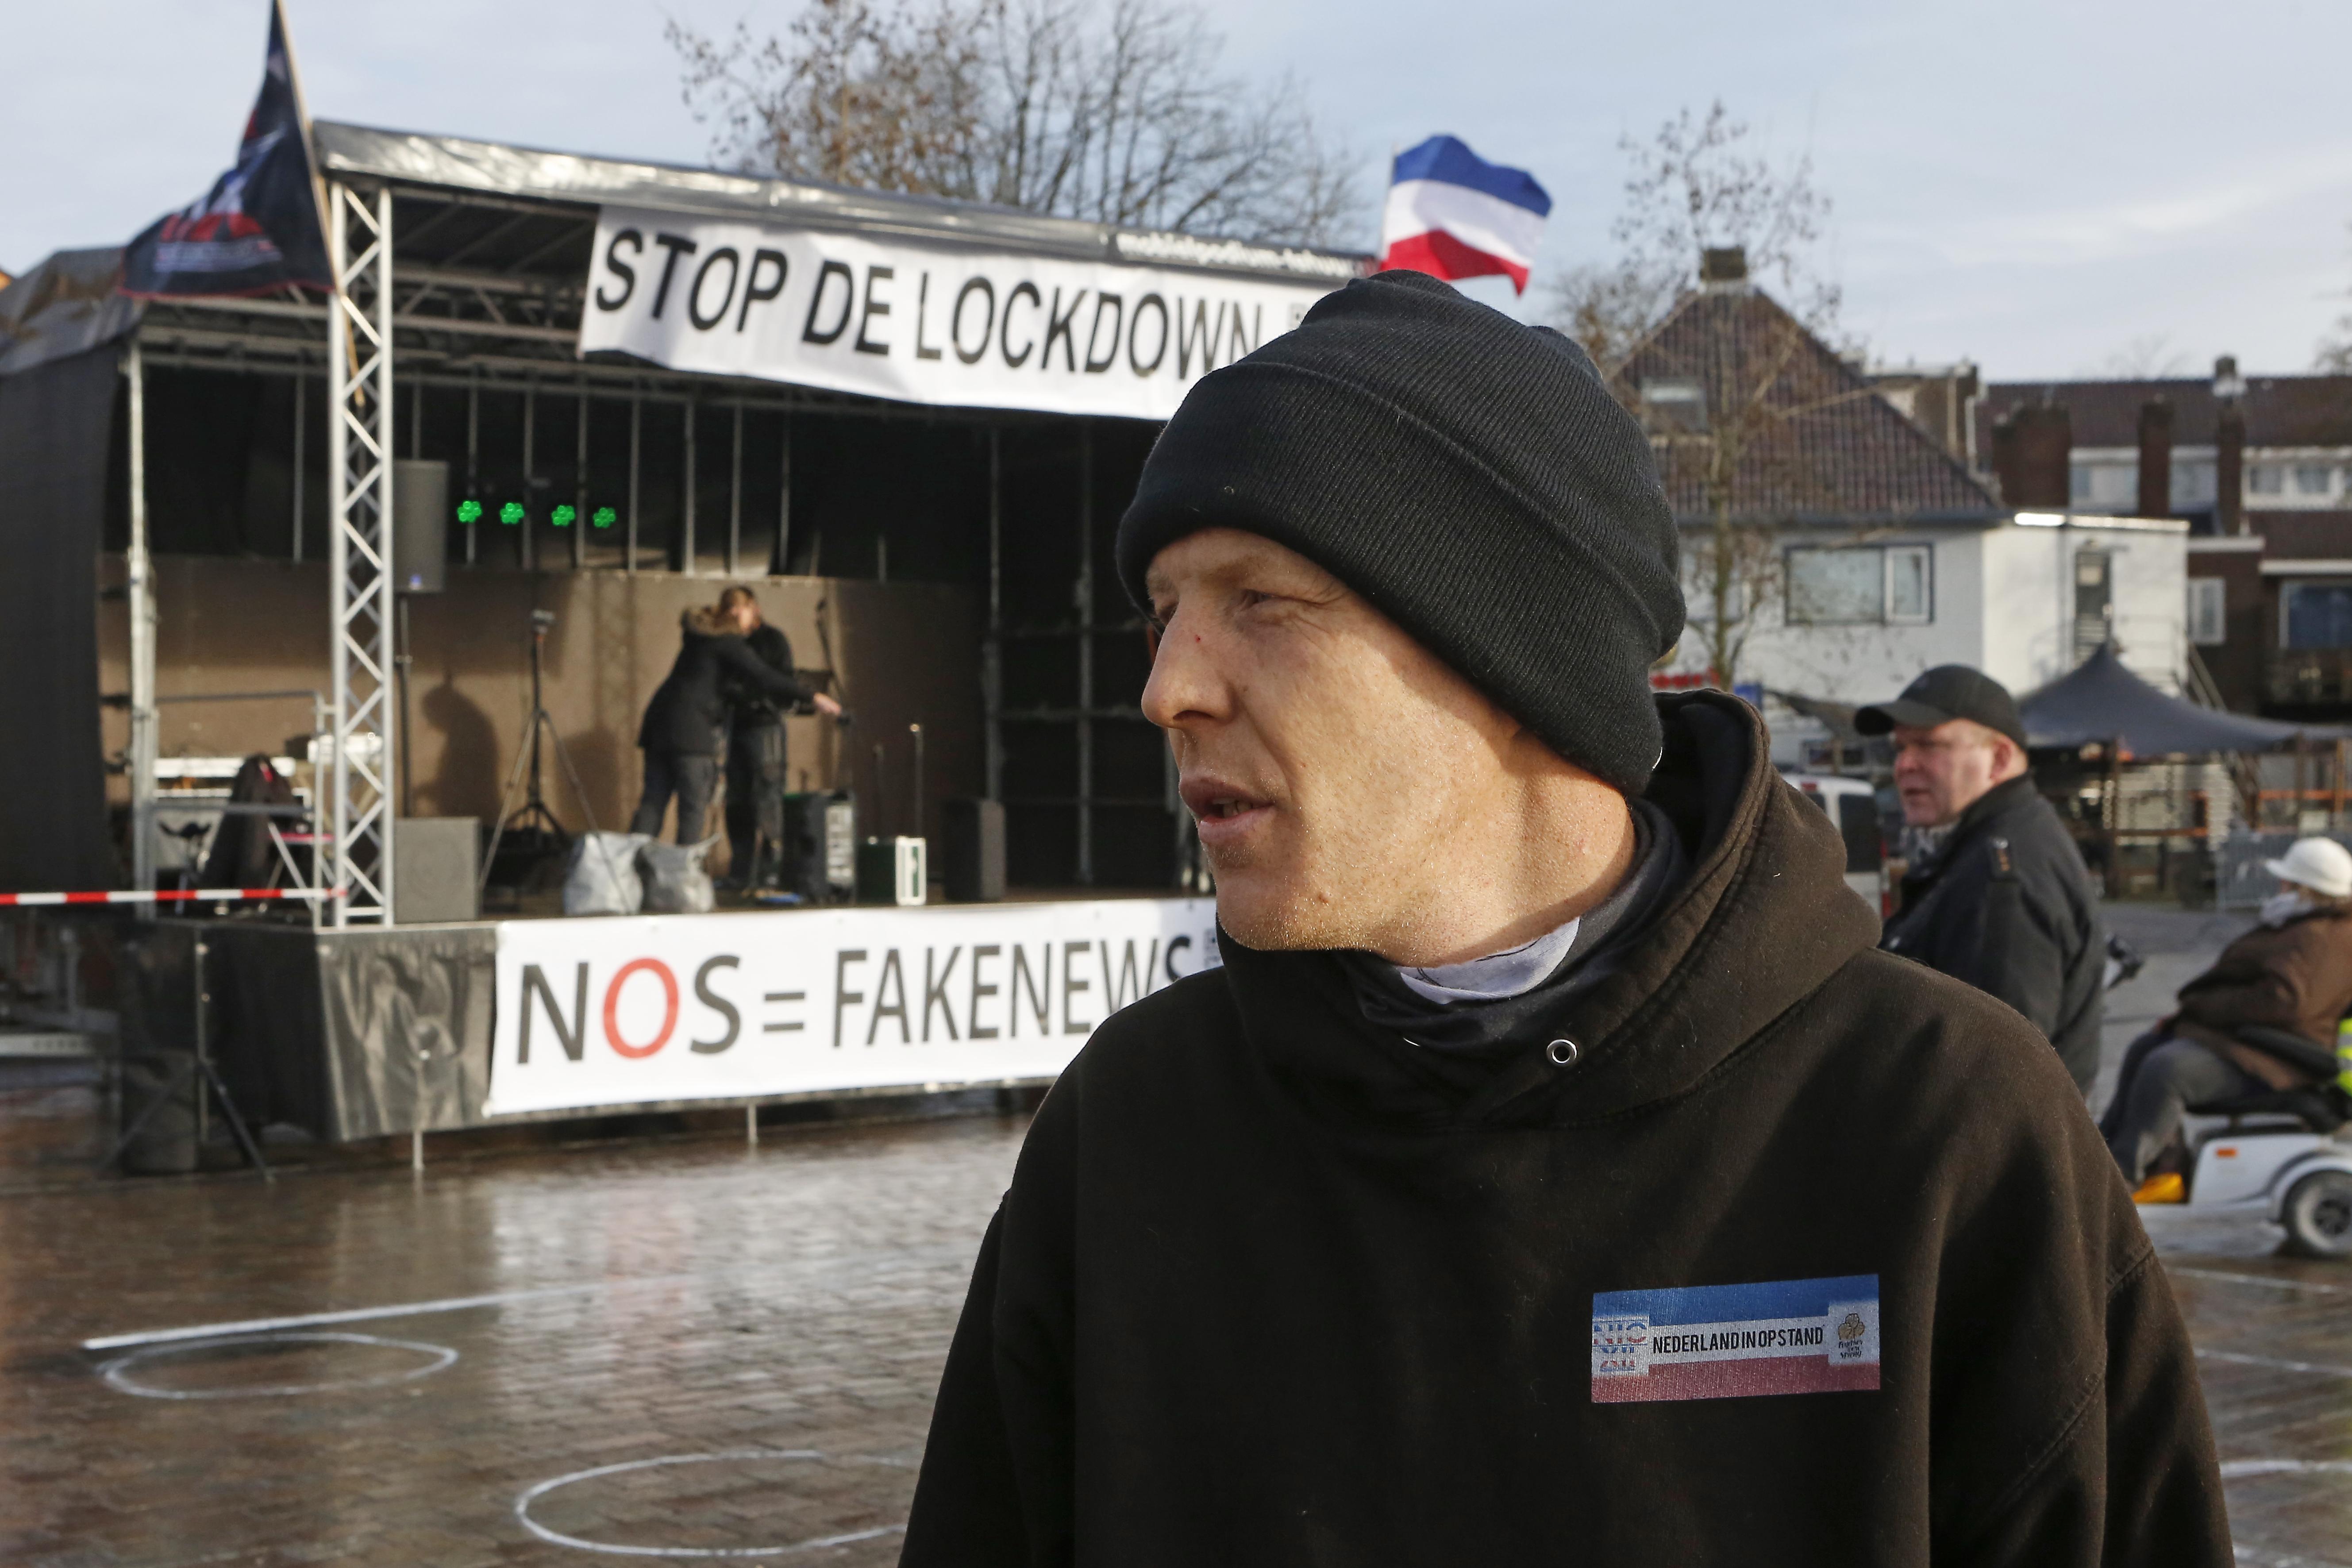 Burgemeester Broertjes breekt anti-lockdown-demonstratie in Hilversum voortijdig af. Publiek houdt te weinig afstand en muziek is te hard. Organisator is woedend: 'Ik ga aangifte doen' [update]